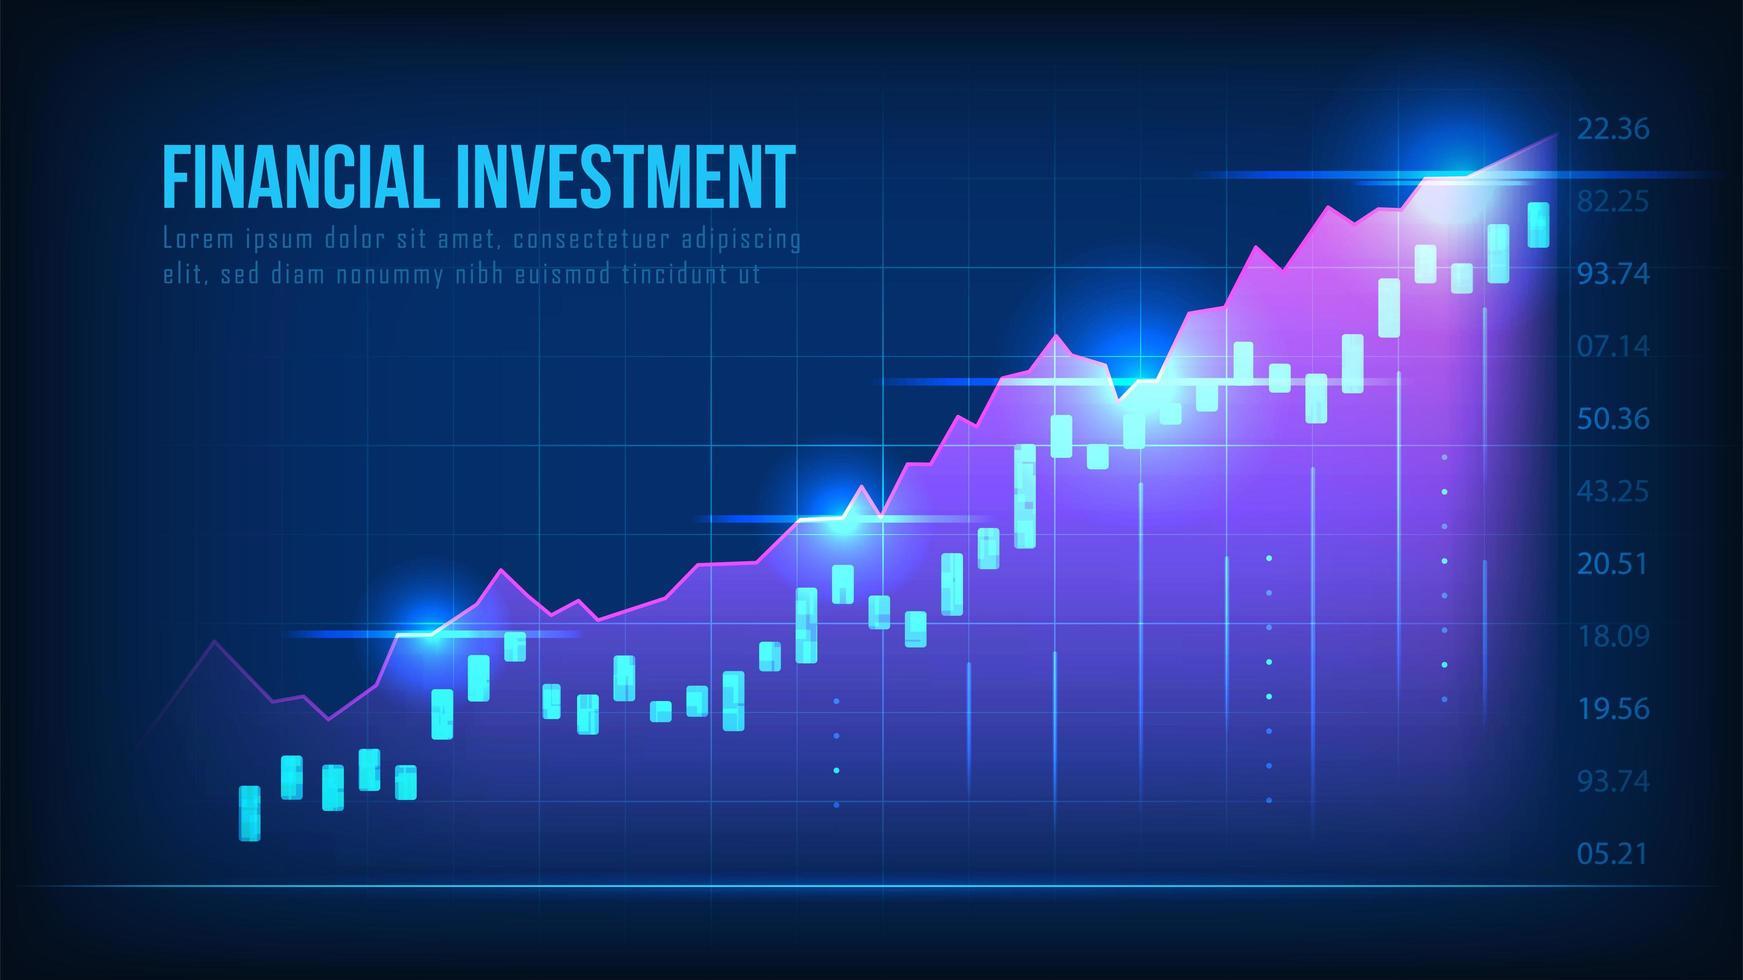 courbe de croissance du marché boursier vecteur